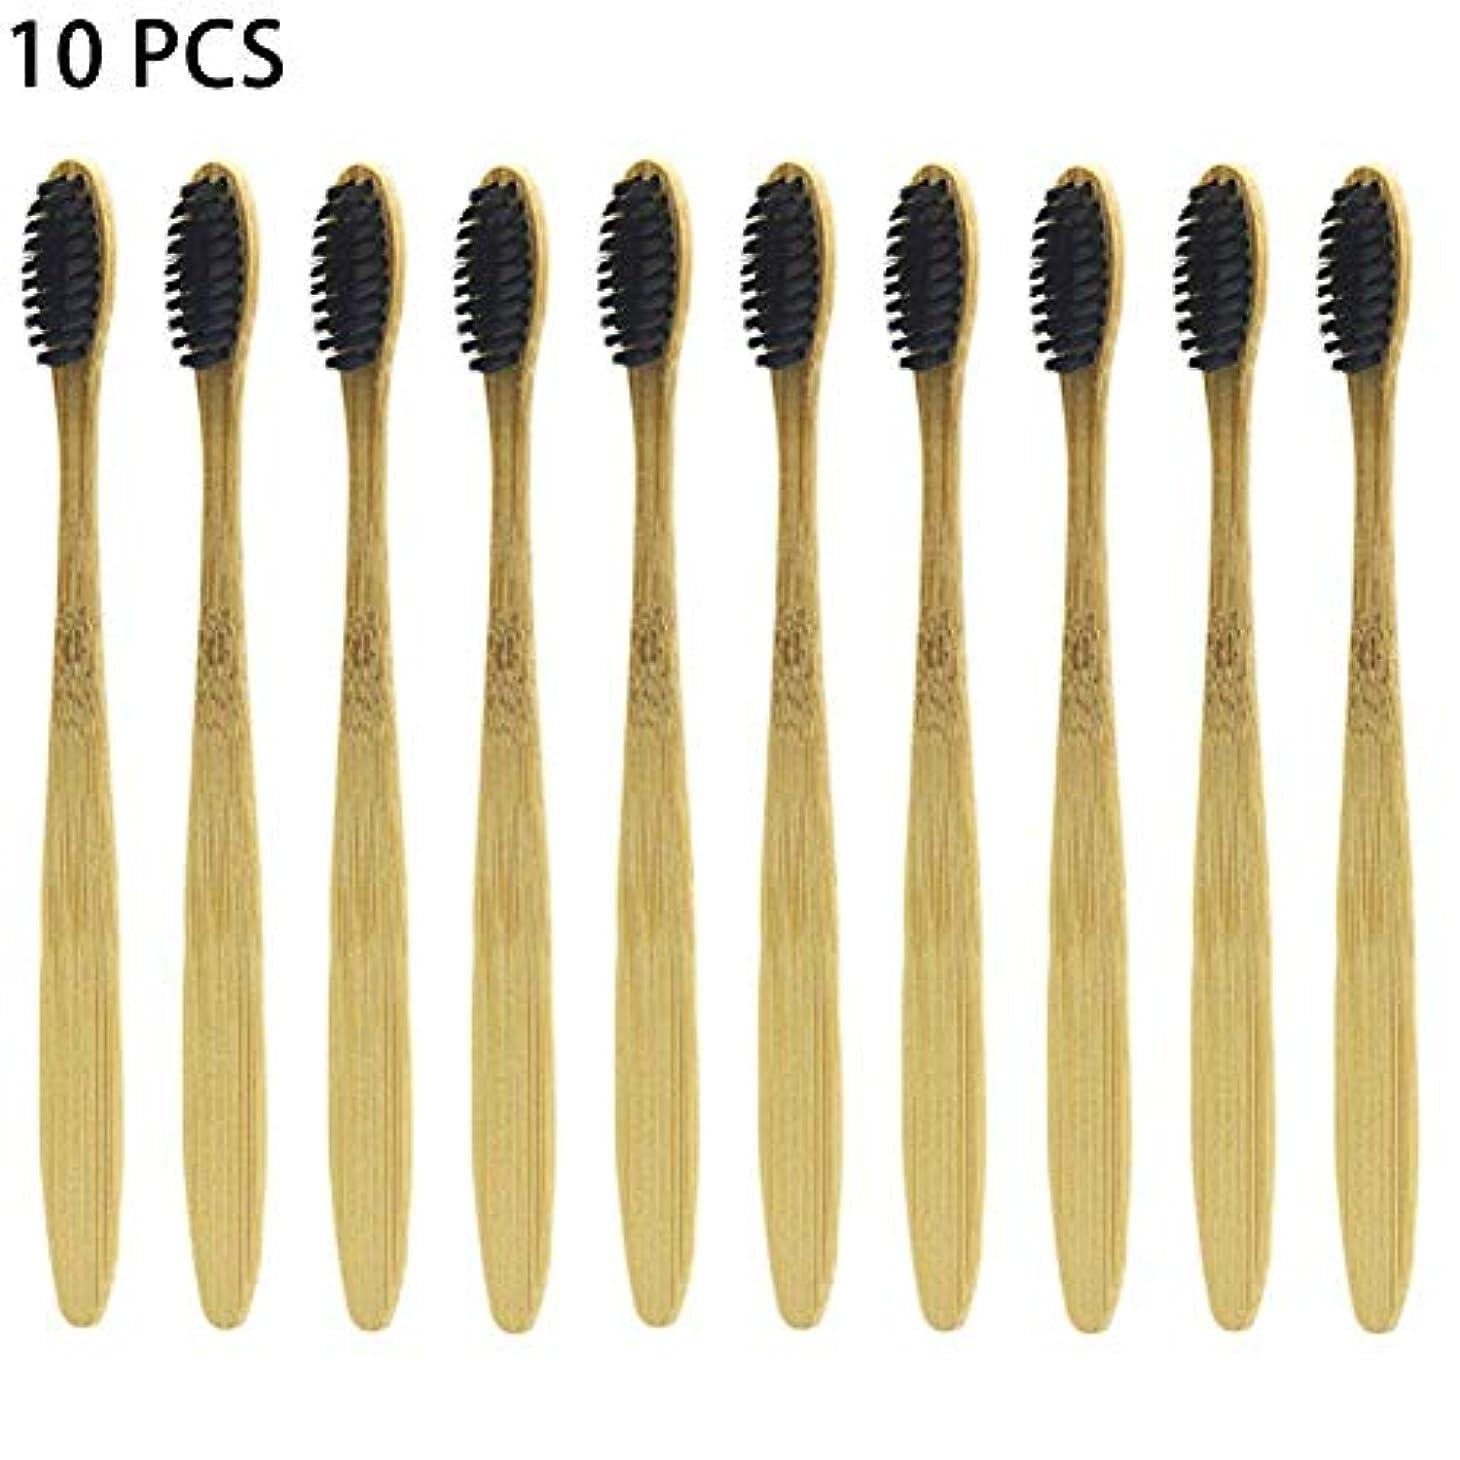 静脈分析ブレイズsnowflake 歯ブラシ 10 PCS 竹歯ブラシ やわらかめ 超コンパクト 環境に優しい ソフトブレスト 清潔 軽量 携帯便利 旅行出張に最適 家族用 密度が多い 黒、カーキ 18 cm(ブラック) first-rate